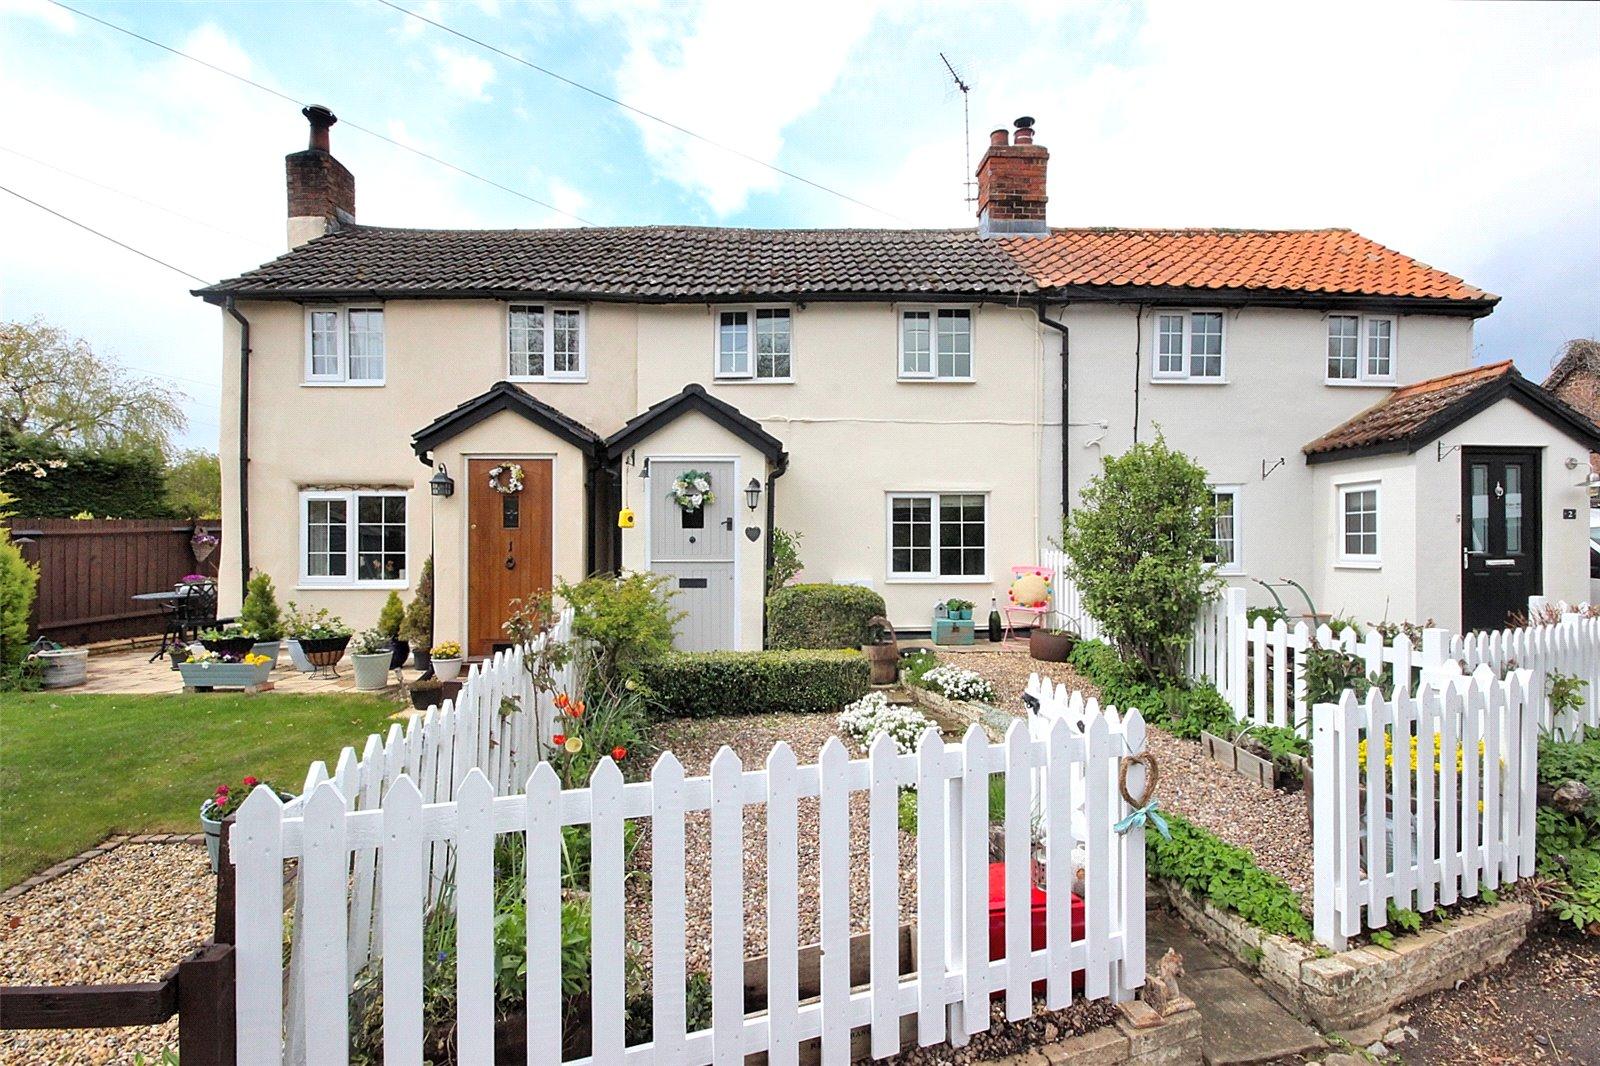 Urban & Rural (Bedford) cottage for sale